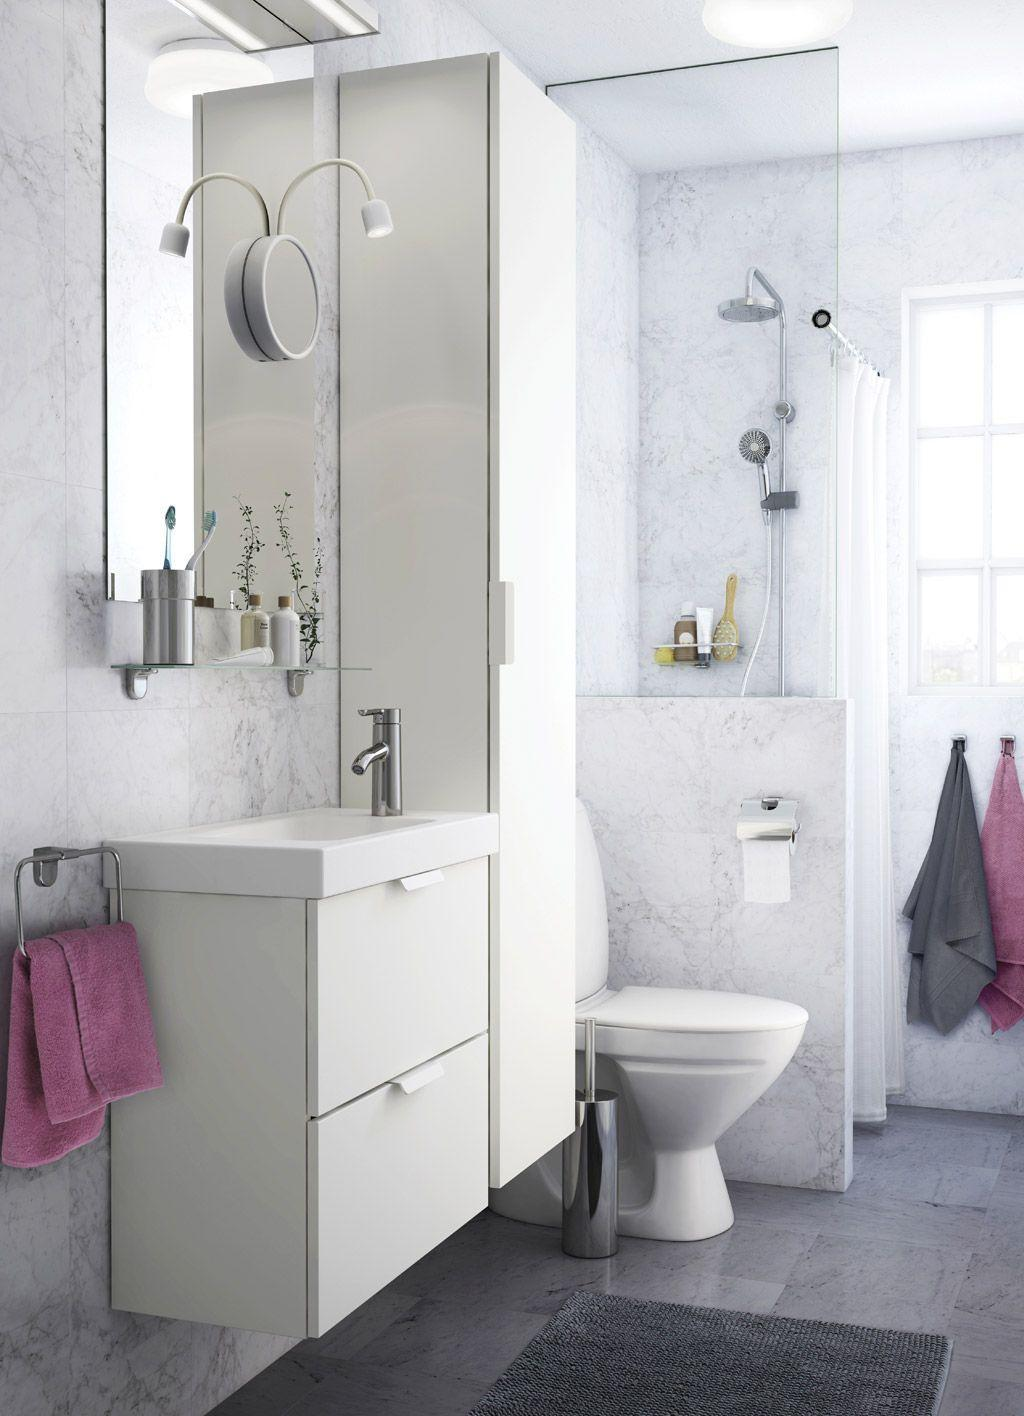 Foto: Reprodução / Ikea